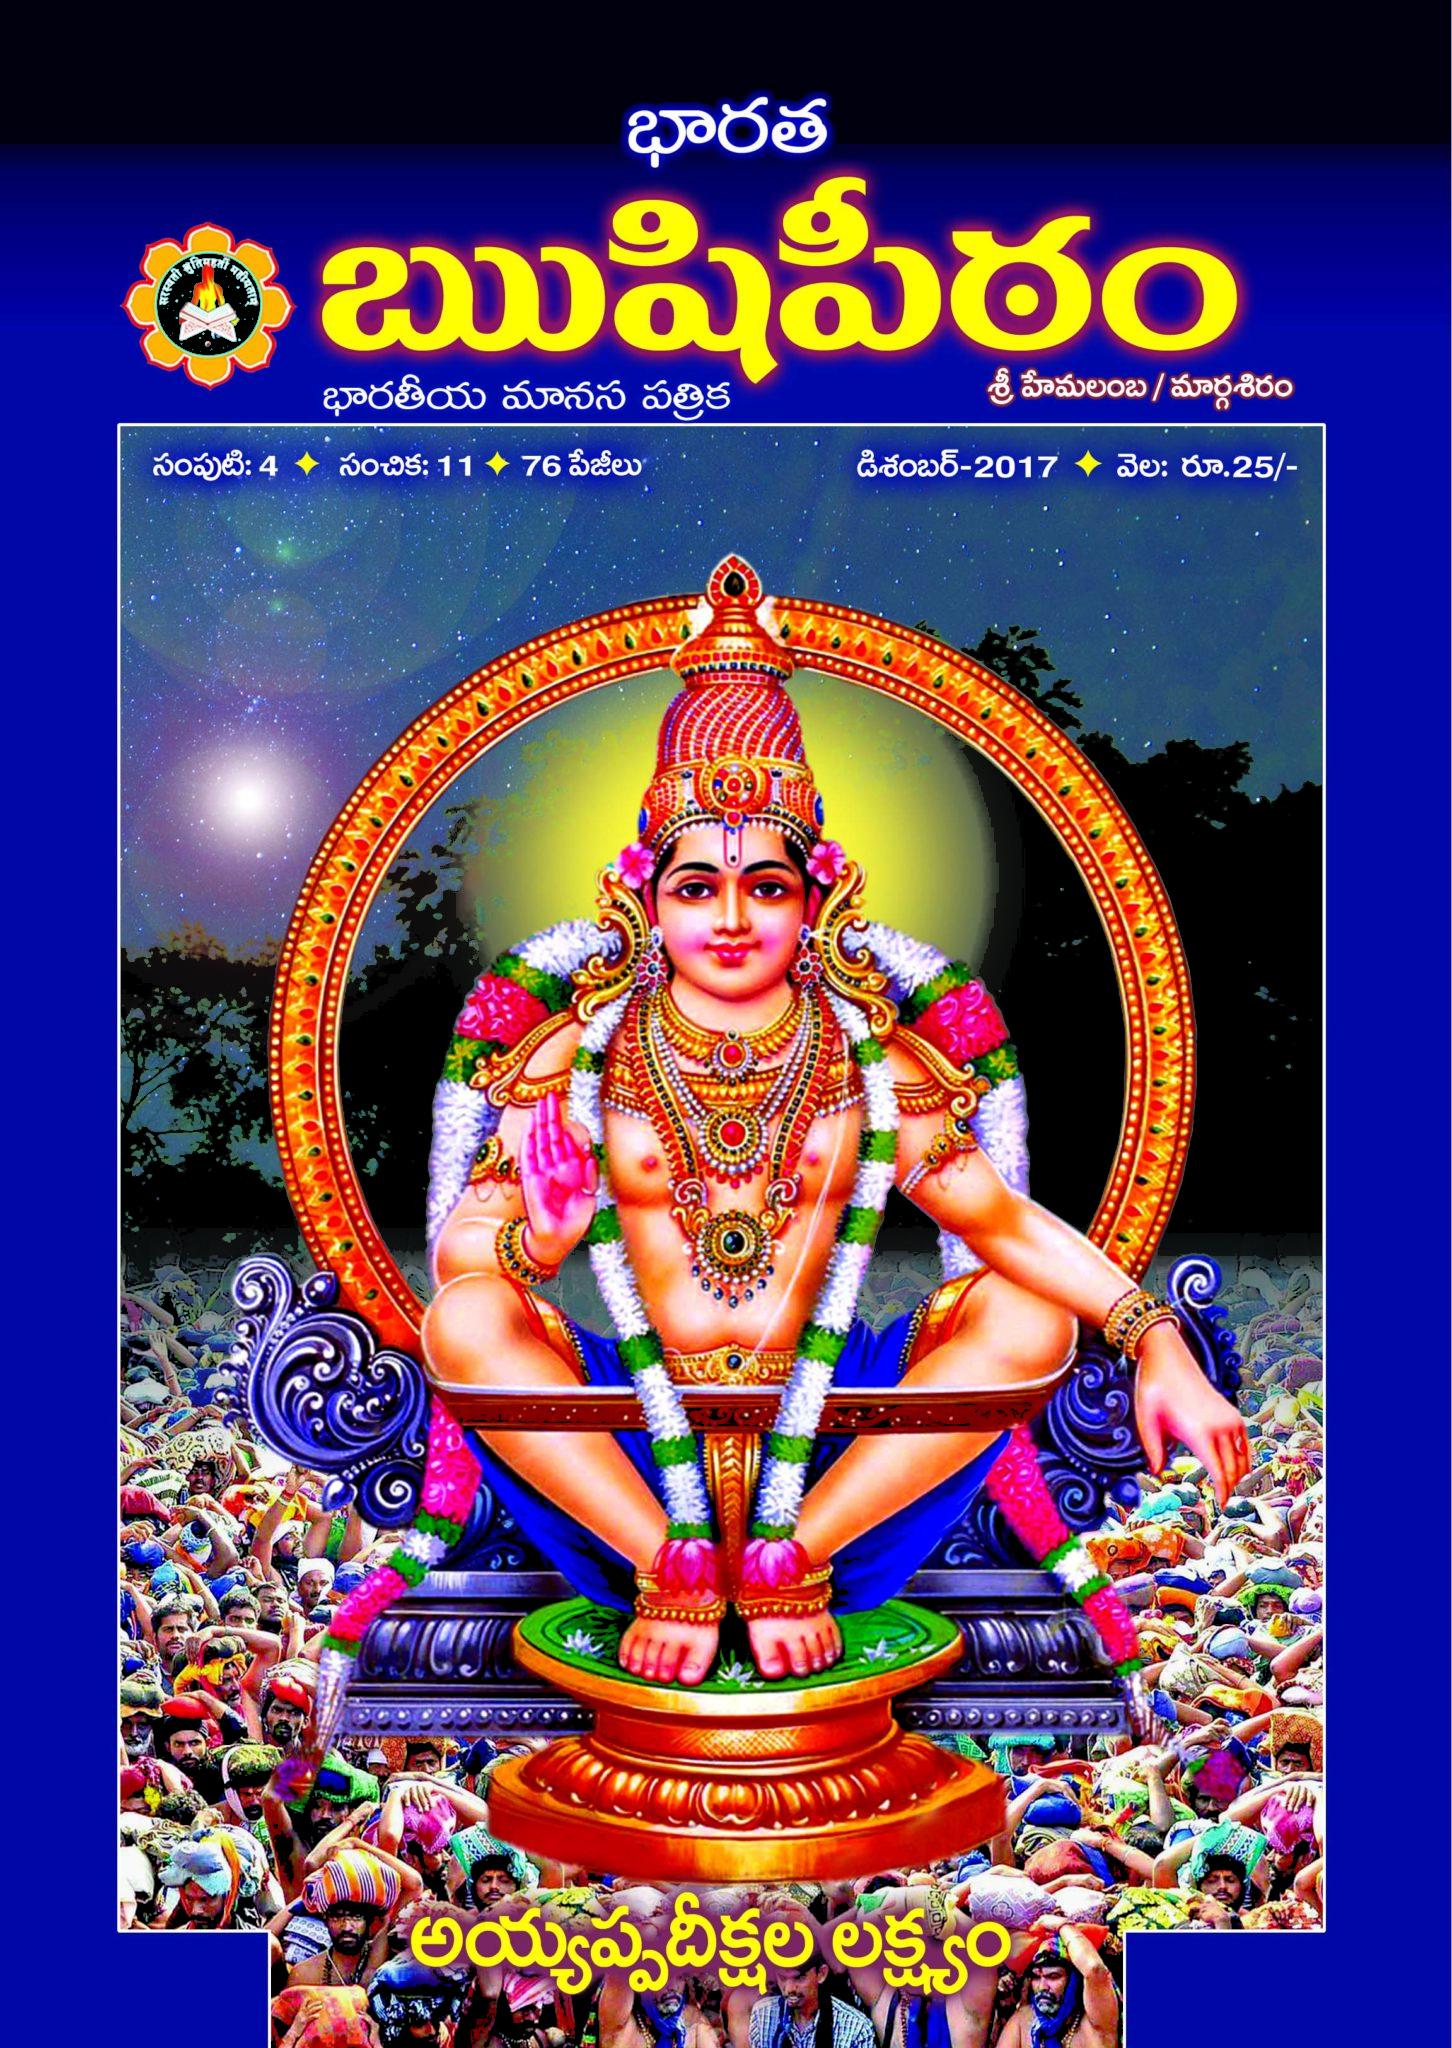 e-Magazine Subscription